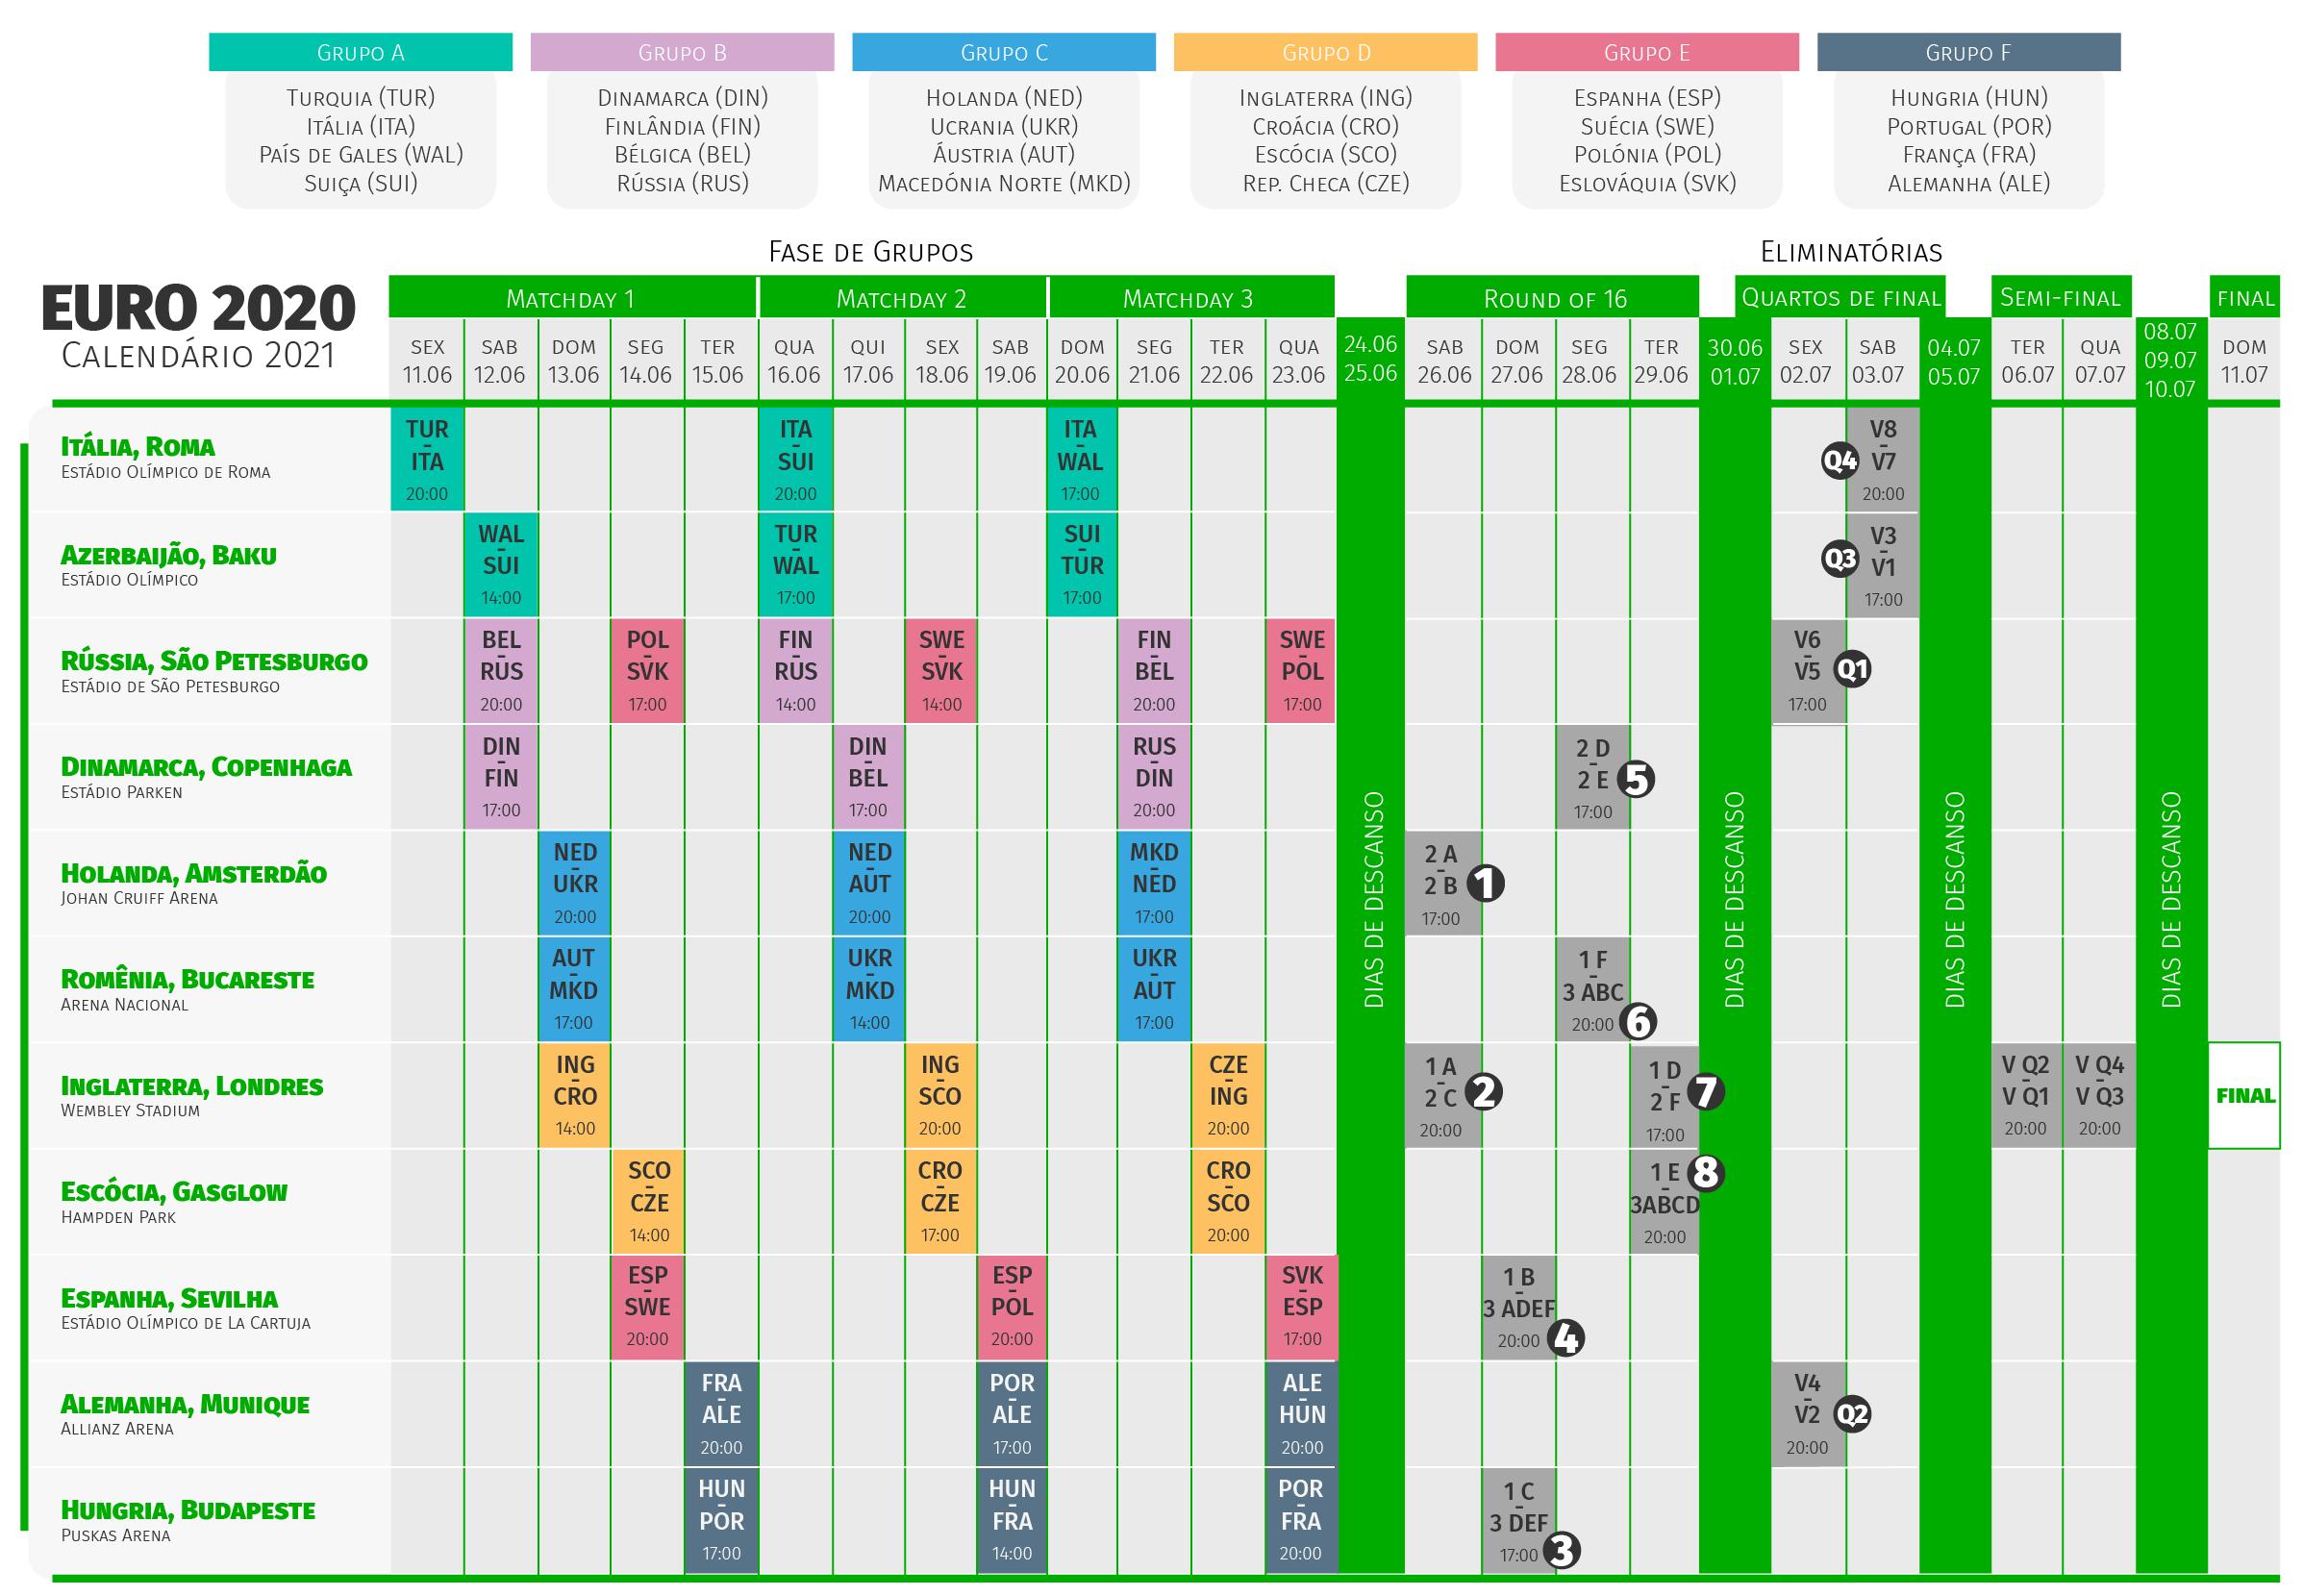 Calendário do EURO2020